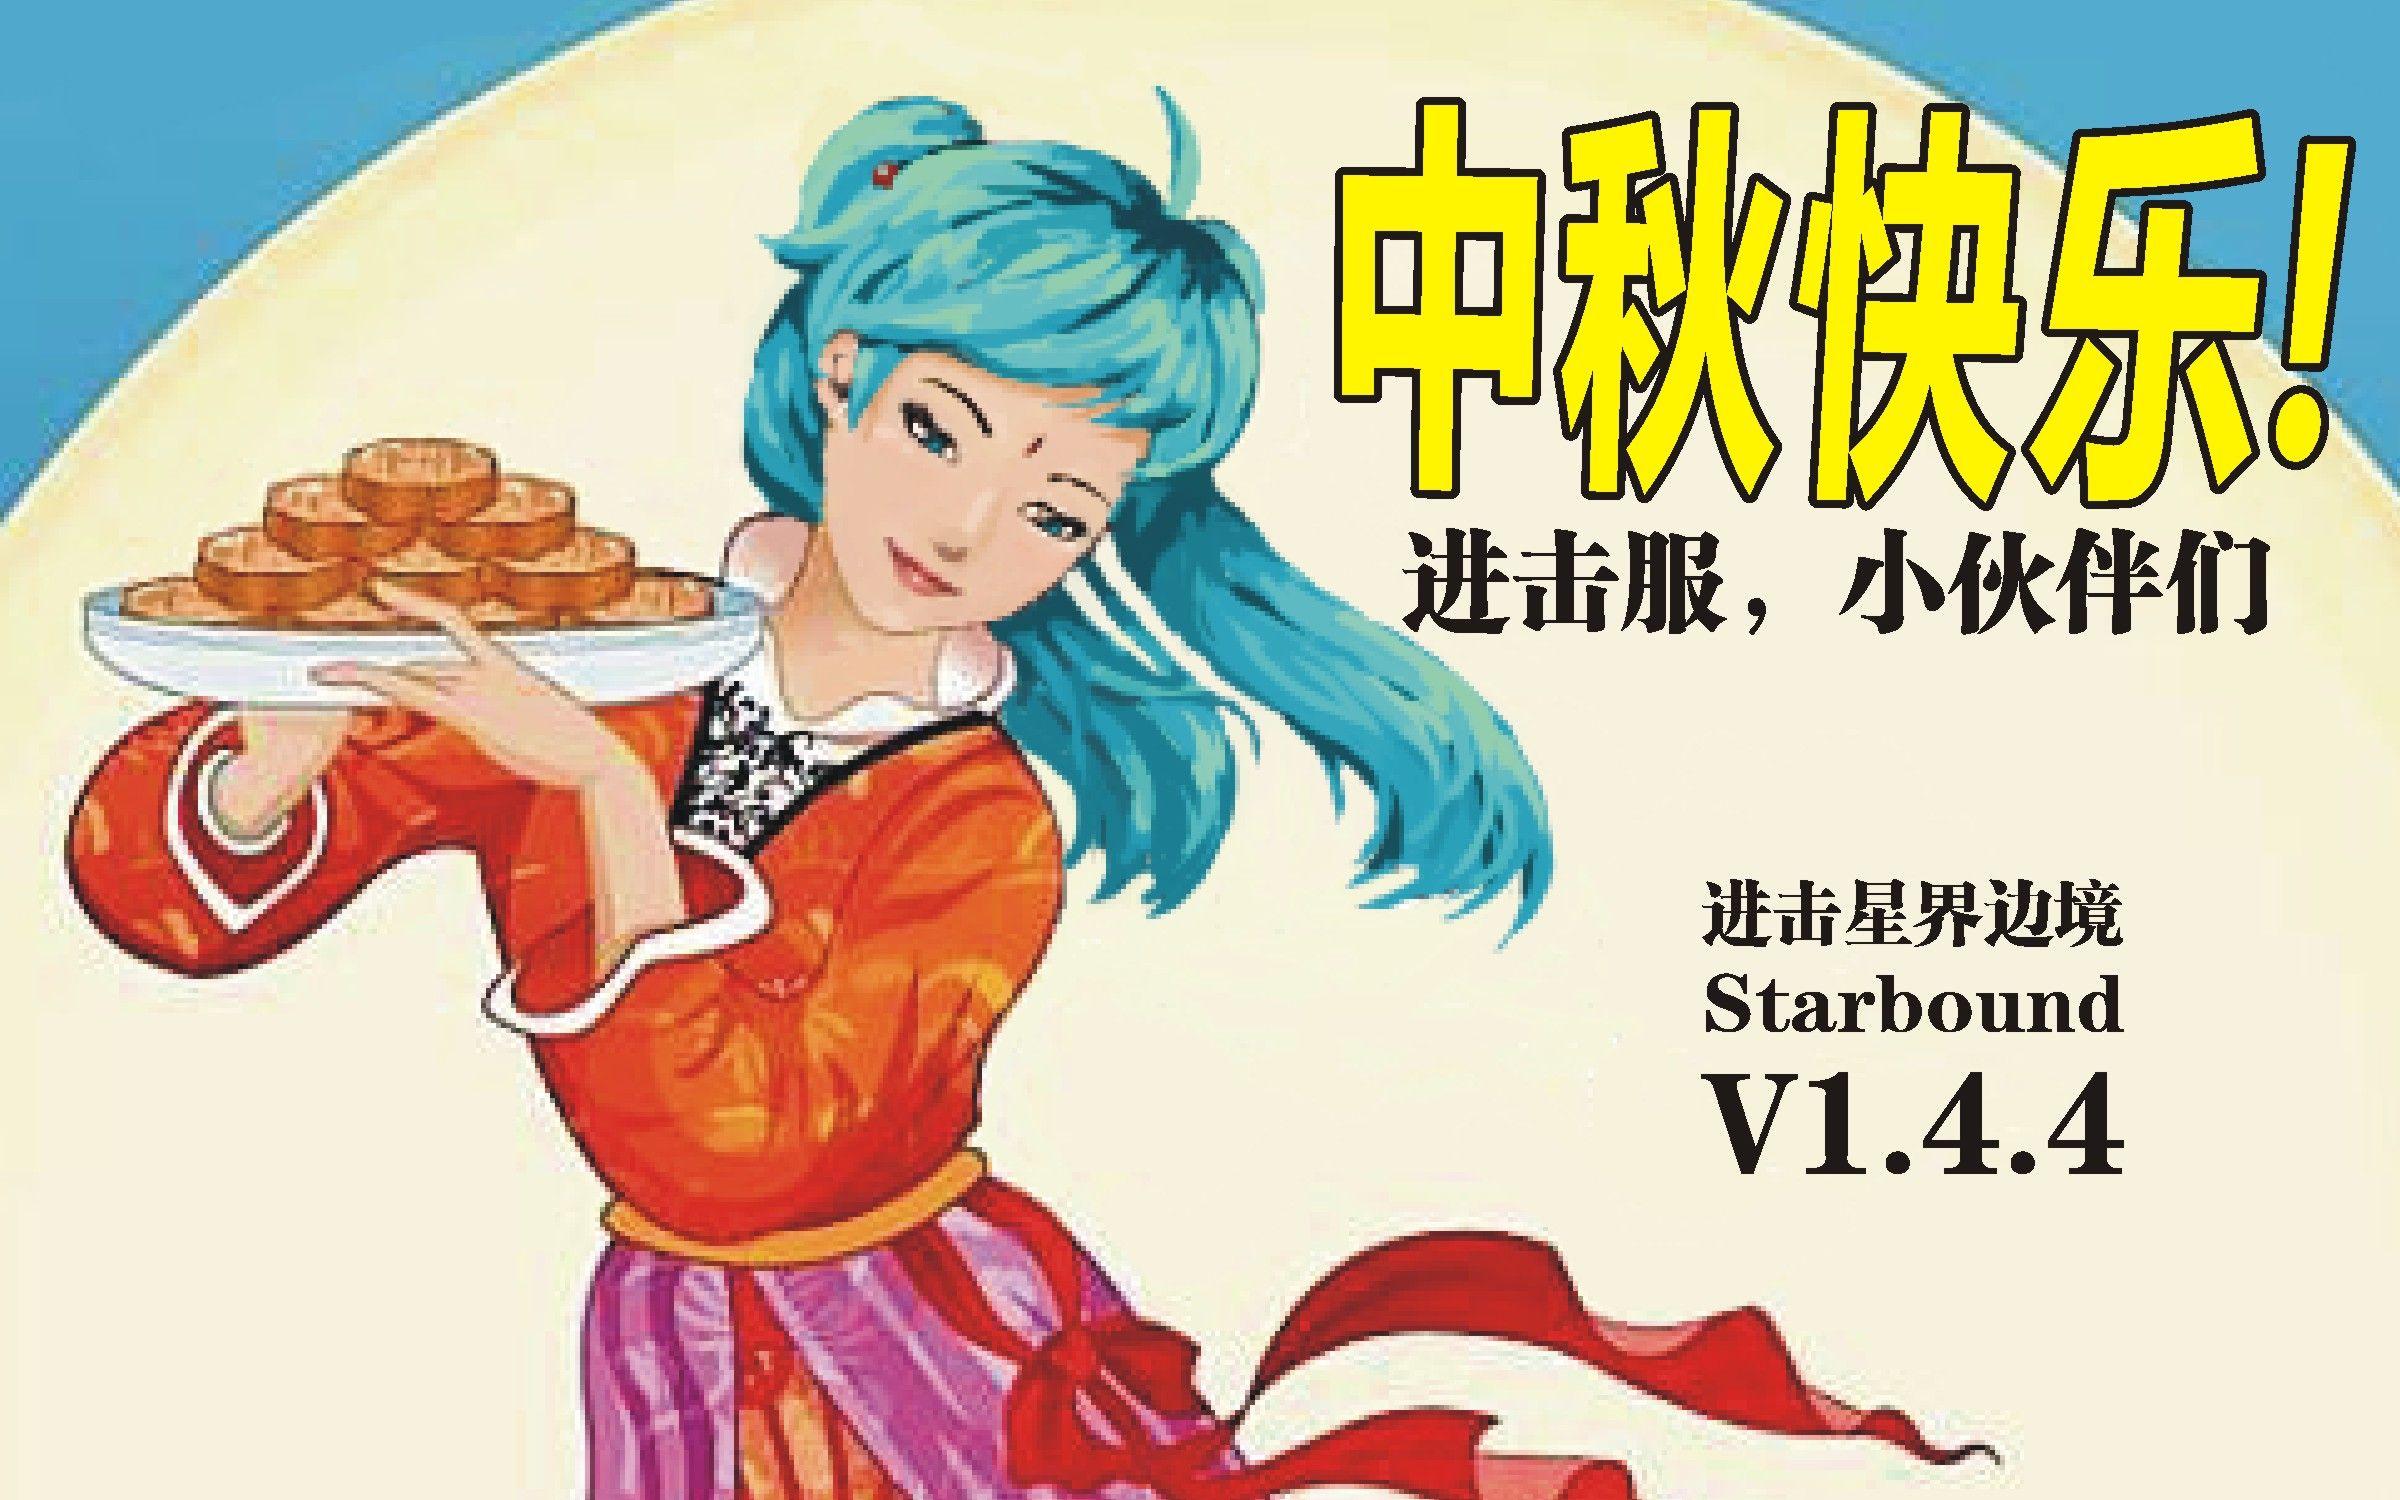 【进击星界边境】v1.4.4中秋快乐!190913